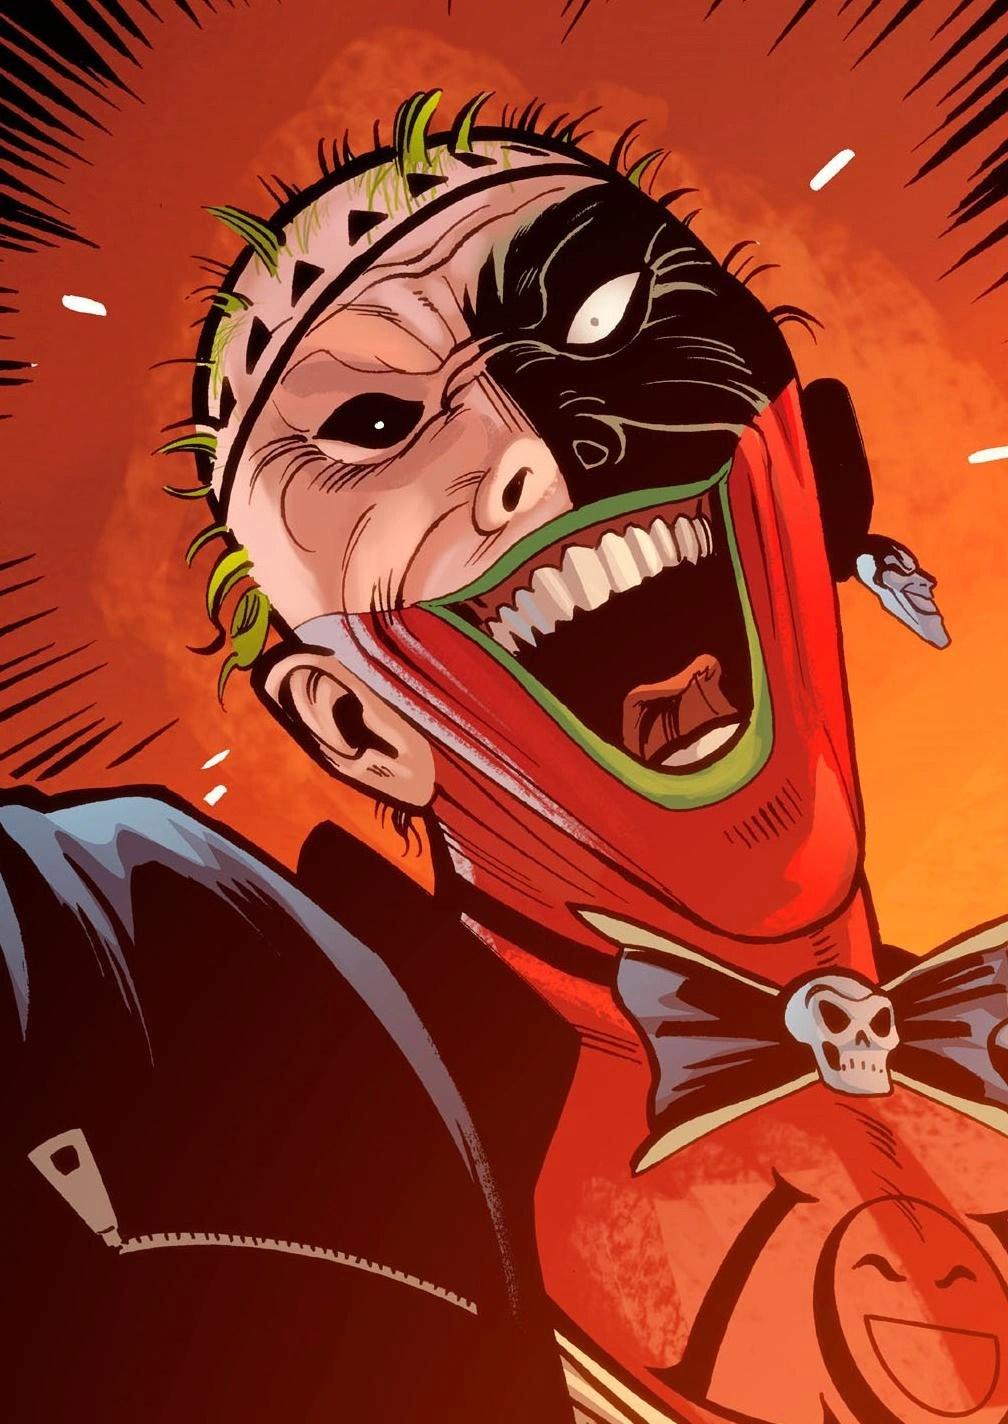 The Joker Animated Wallpaper Joker King Batman Wiki Fandom Powered By Wikia